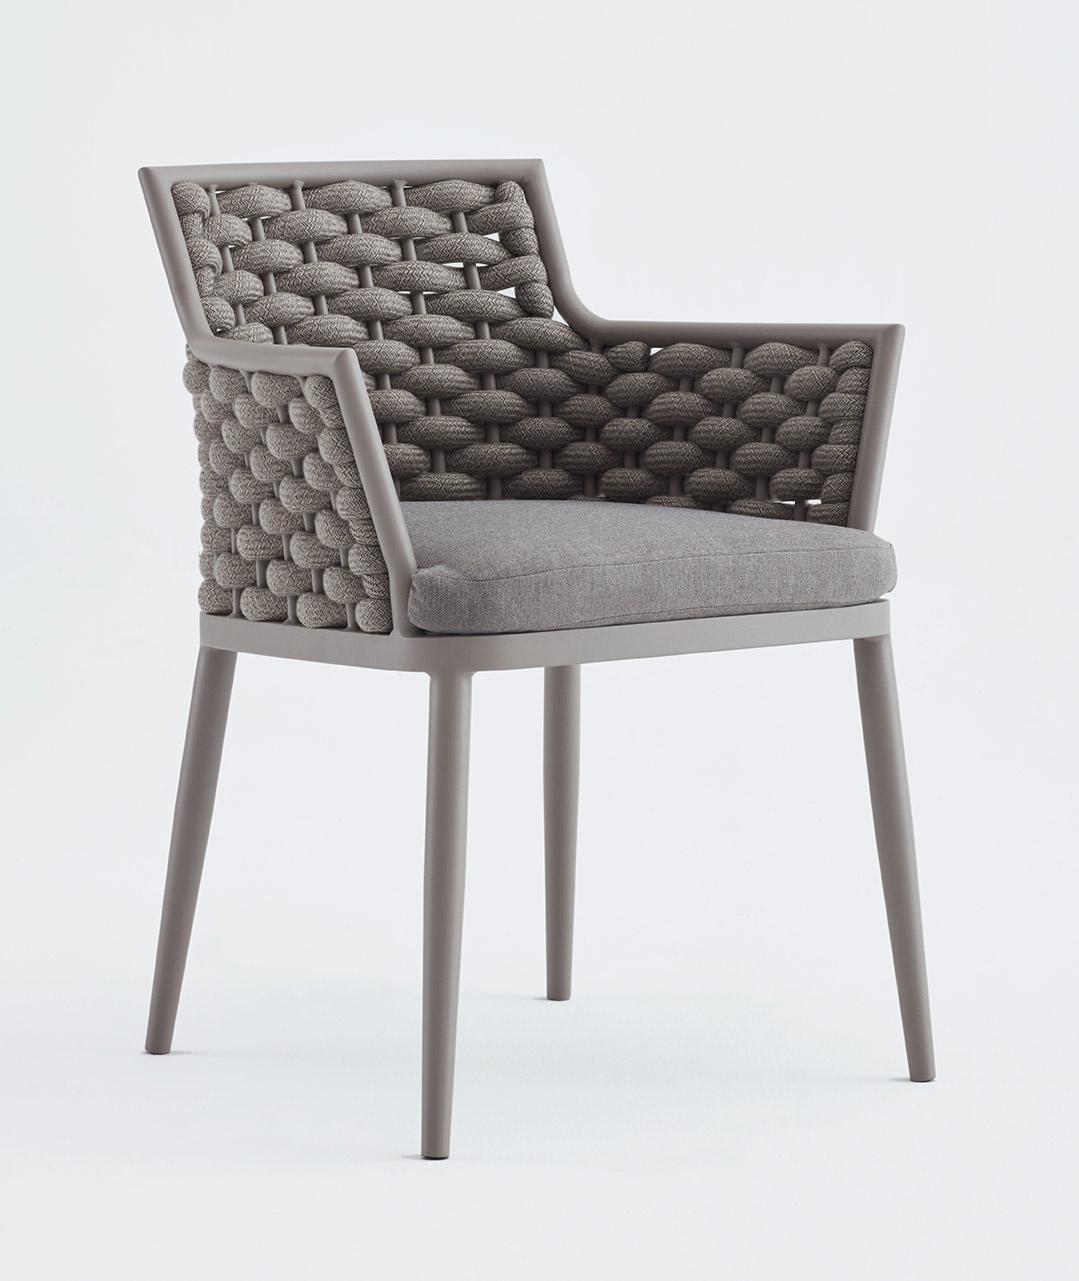 leon masa takımı sandalye